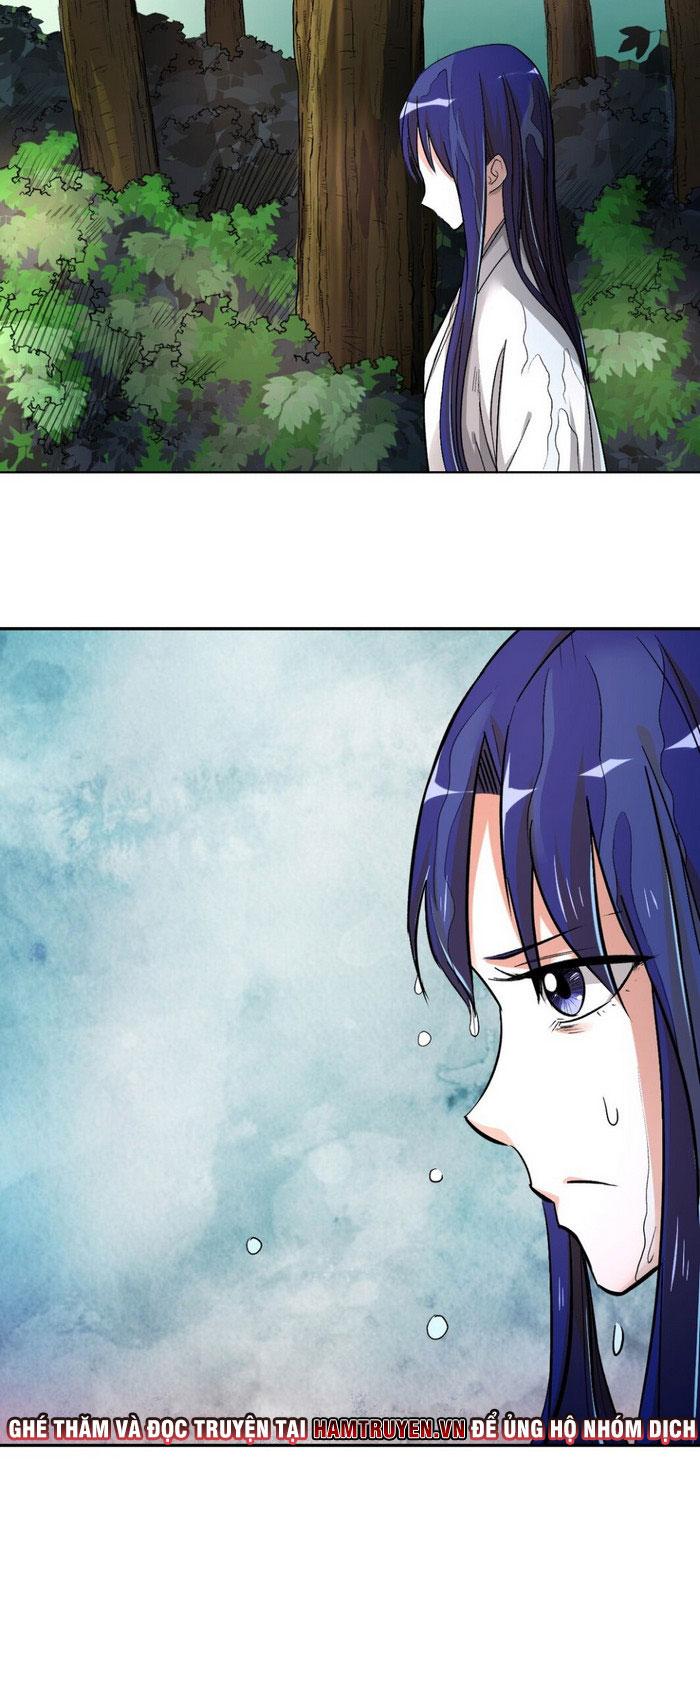 Đệ Tử Của Ta Đều Là Siêu Thần chapter 5 - Upload bởi truyensieuhay.com